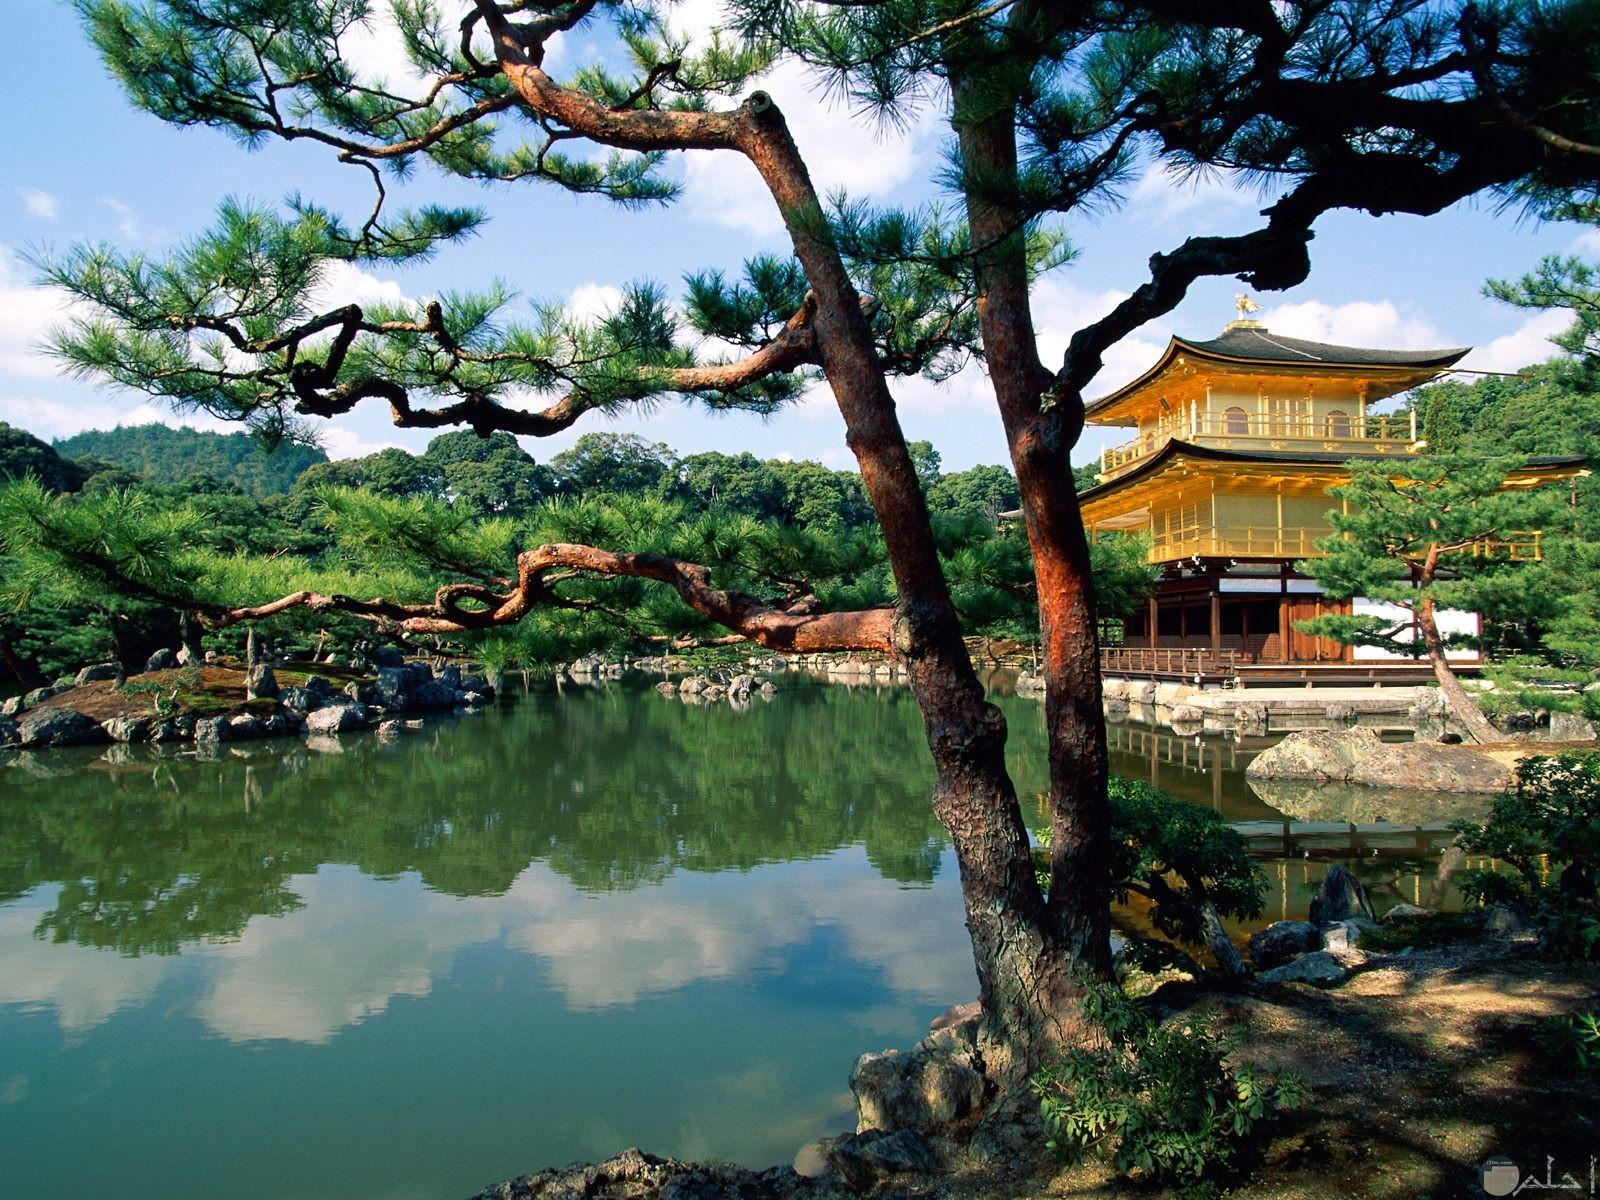 بيت صغير جميل وسط الطبيعة الخلابة